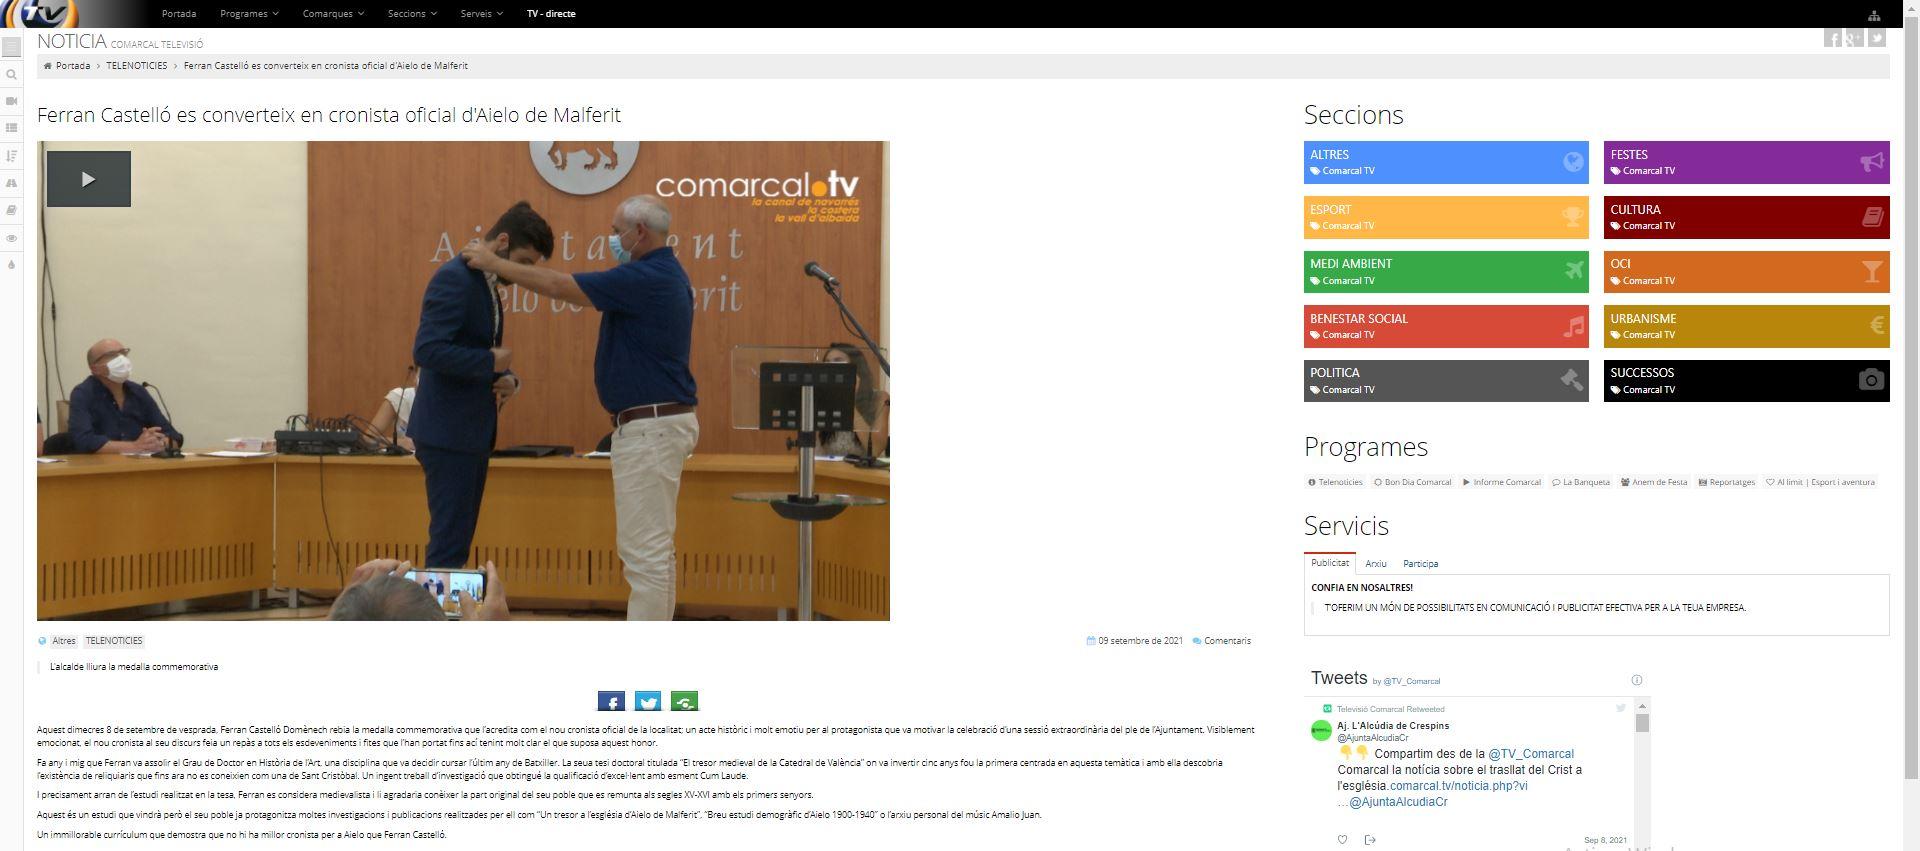 Notícia Comarcal TV: Ferran Castelló es converteix en cronista oficial d'Aielo de Malferit